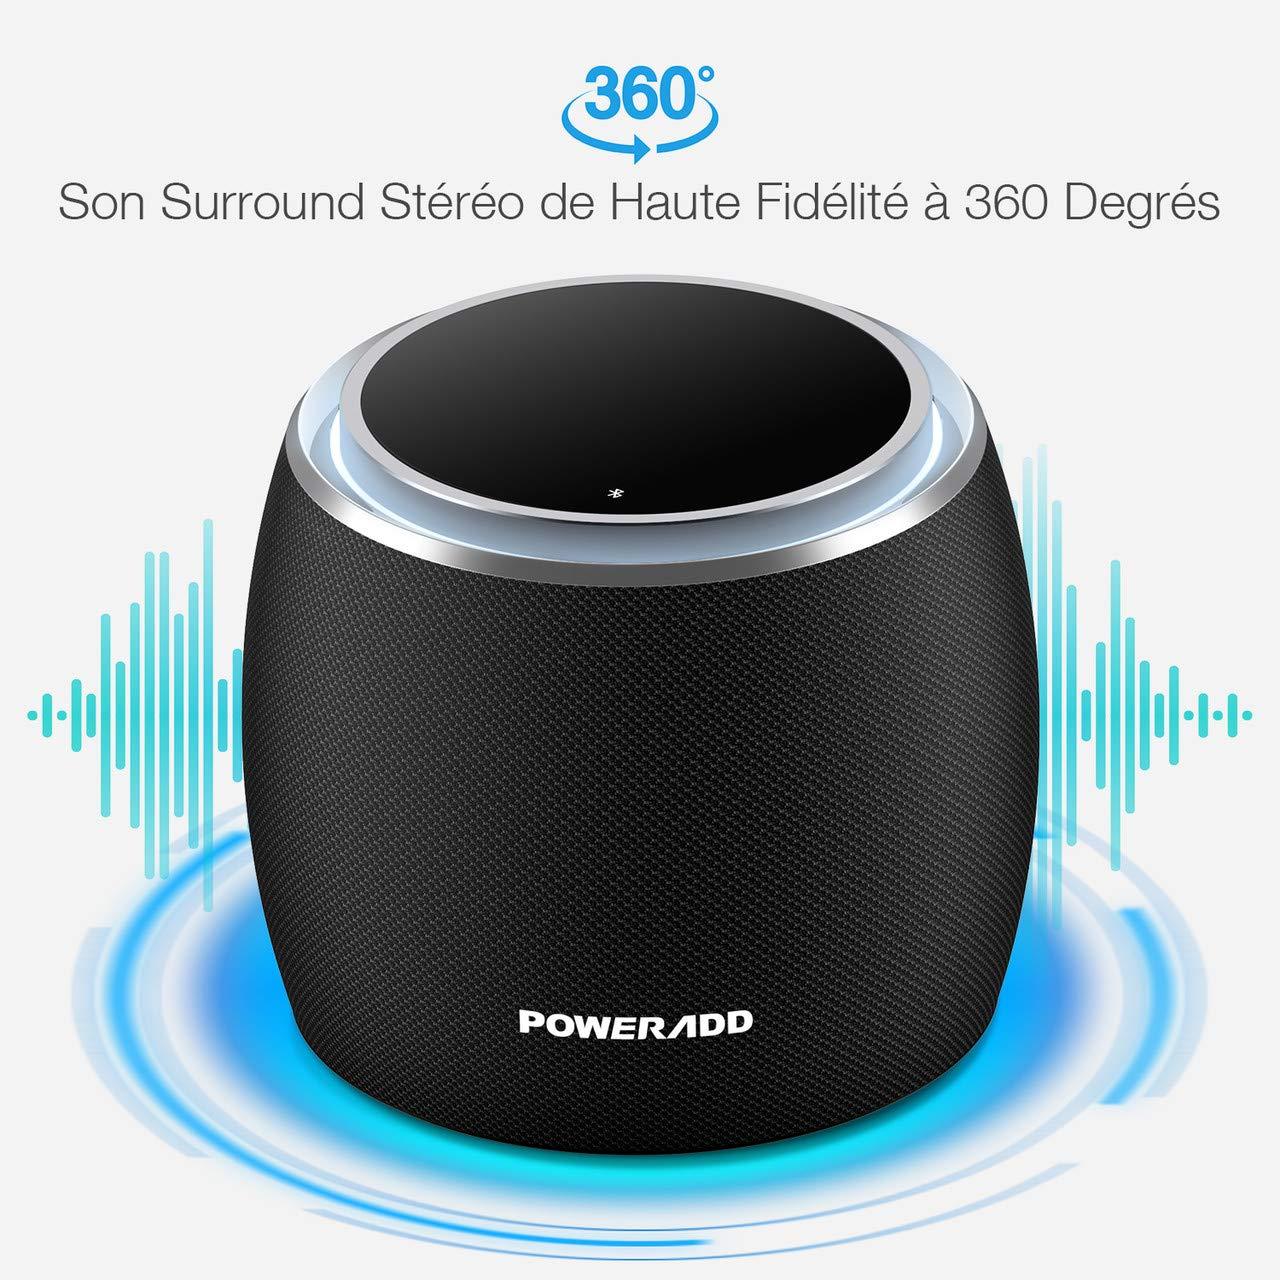 POWERADD Enceinte Bluetooth Portable, 36W Basse Performante Haut-Parleur sans Fil 4 Pilotes Intégrés, 4000mAh Grande Capacité, Volume Rotatif, 12 Heures de Lecture pour Intérieur/Extérieur